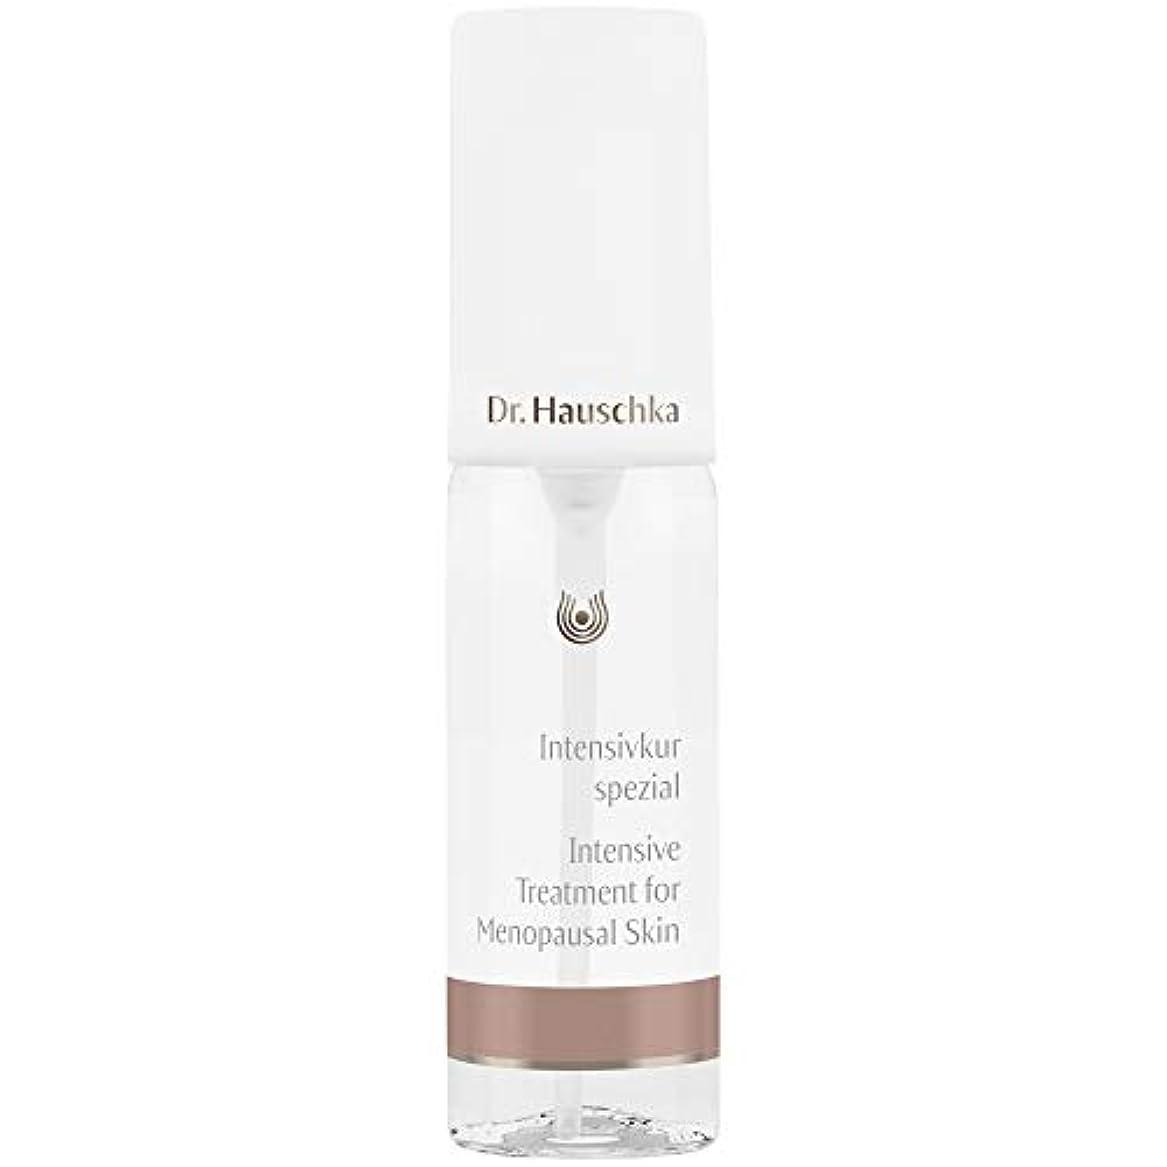 わがまま圧倒する高揚した[Dr Hauschka] 更年期の皮膚05 40ミリリットルのためのDrハウシュカ集中治療 - Dr Hauschka Intensive Treatment for Menopausal Skin 05 40ml [...